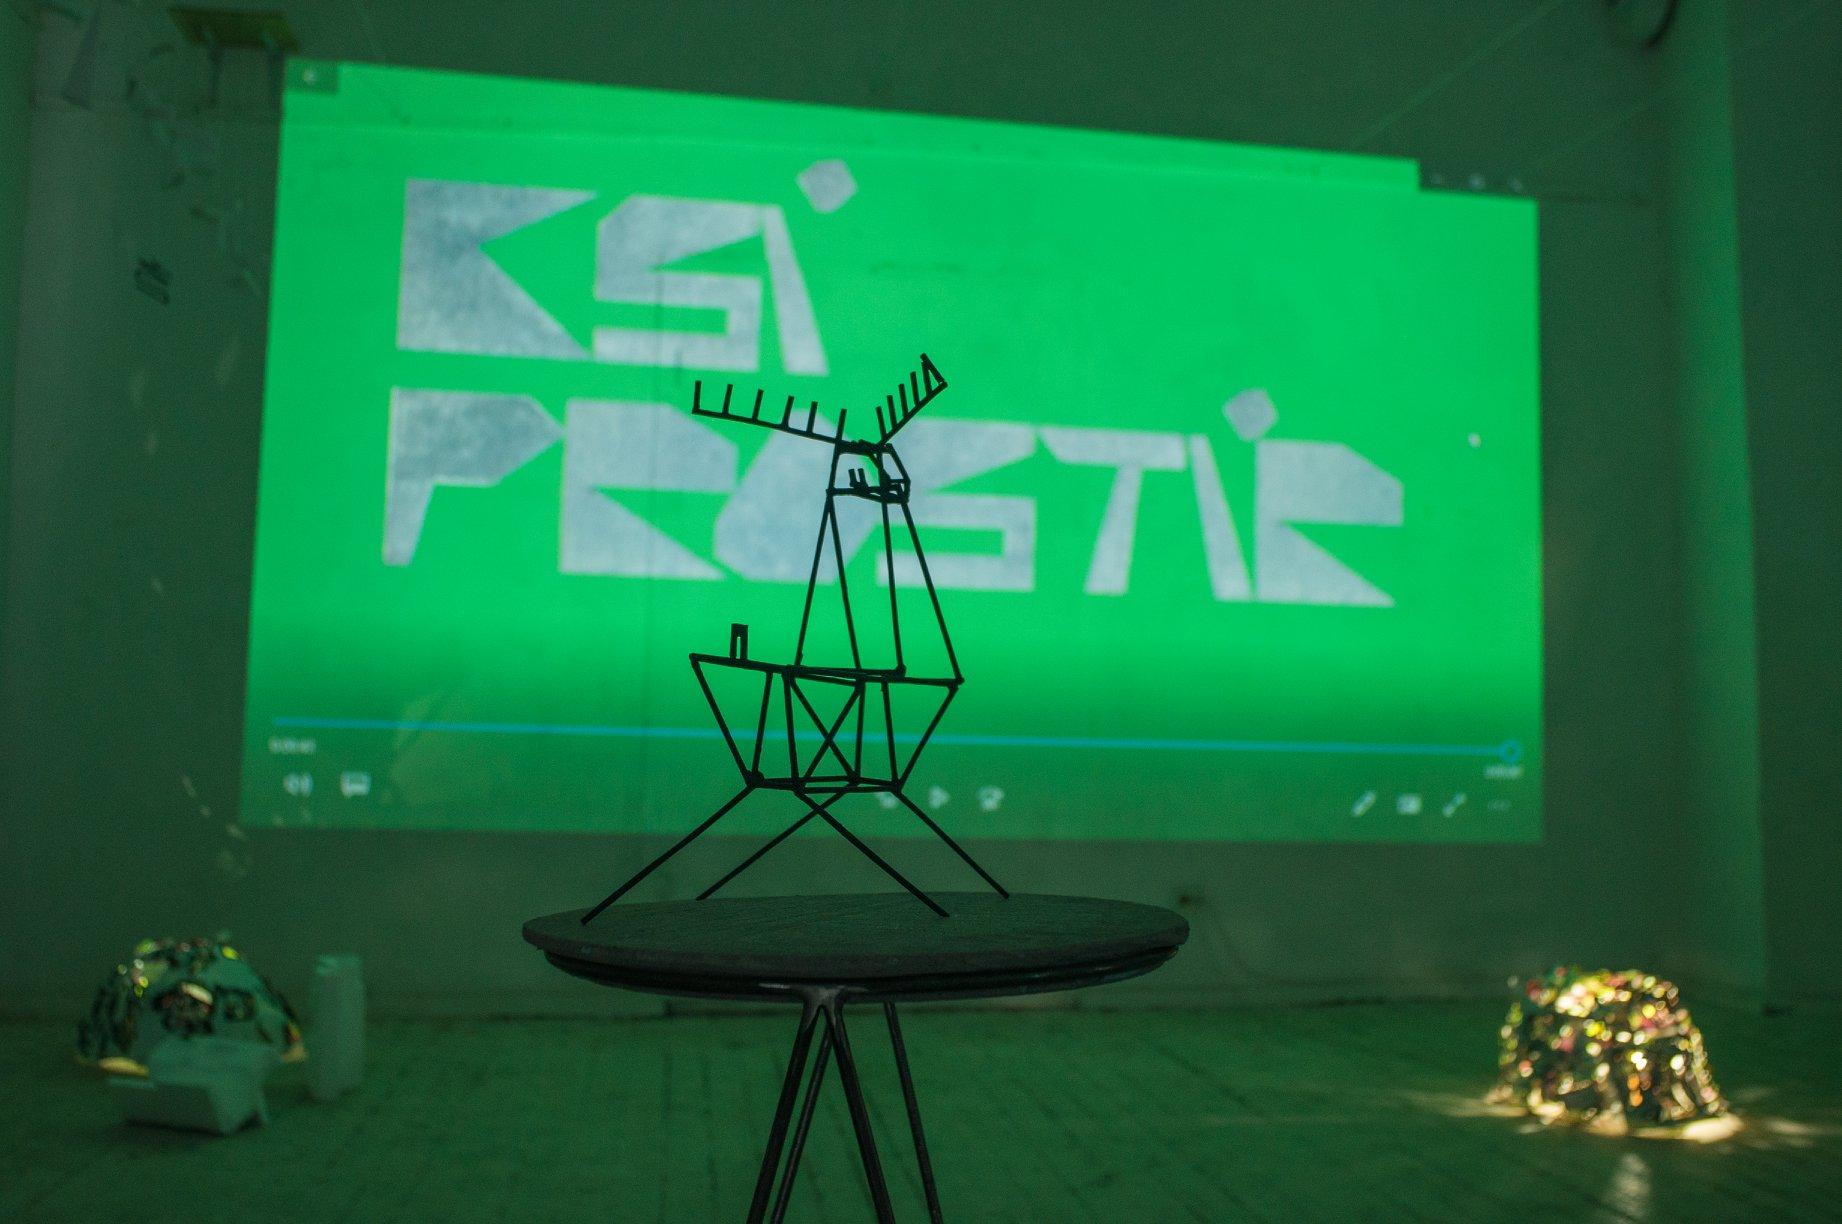 Ksi Prostir переїхав до Центру сучасної культури